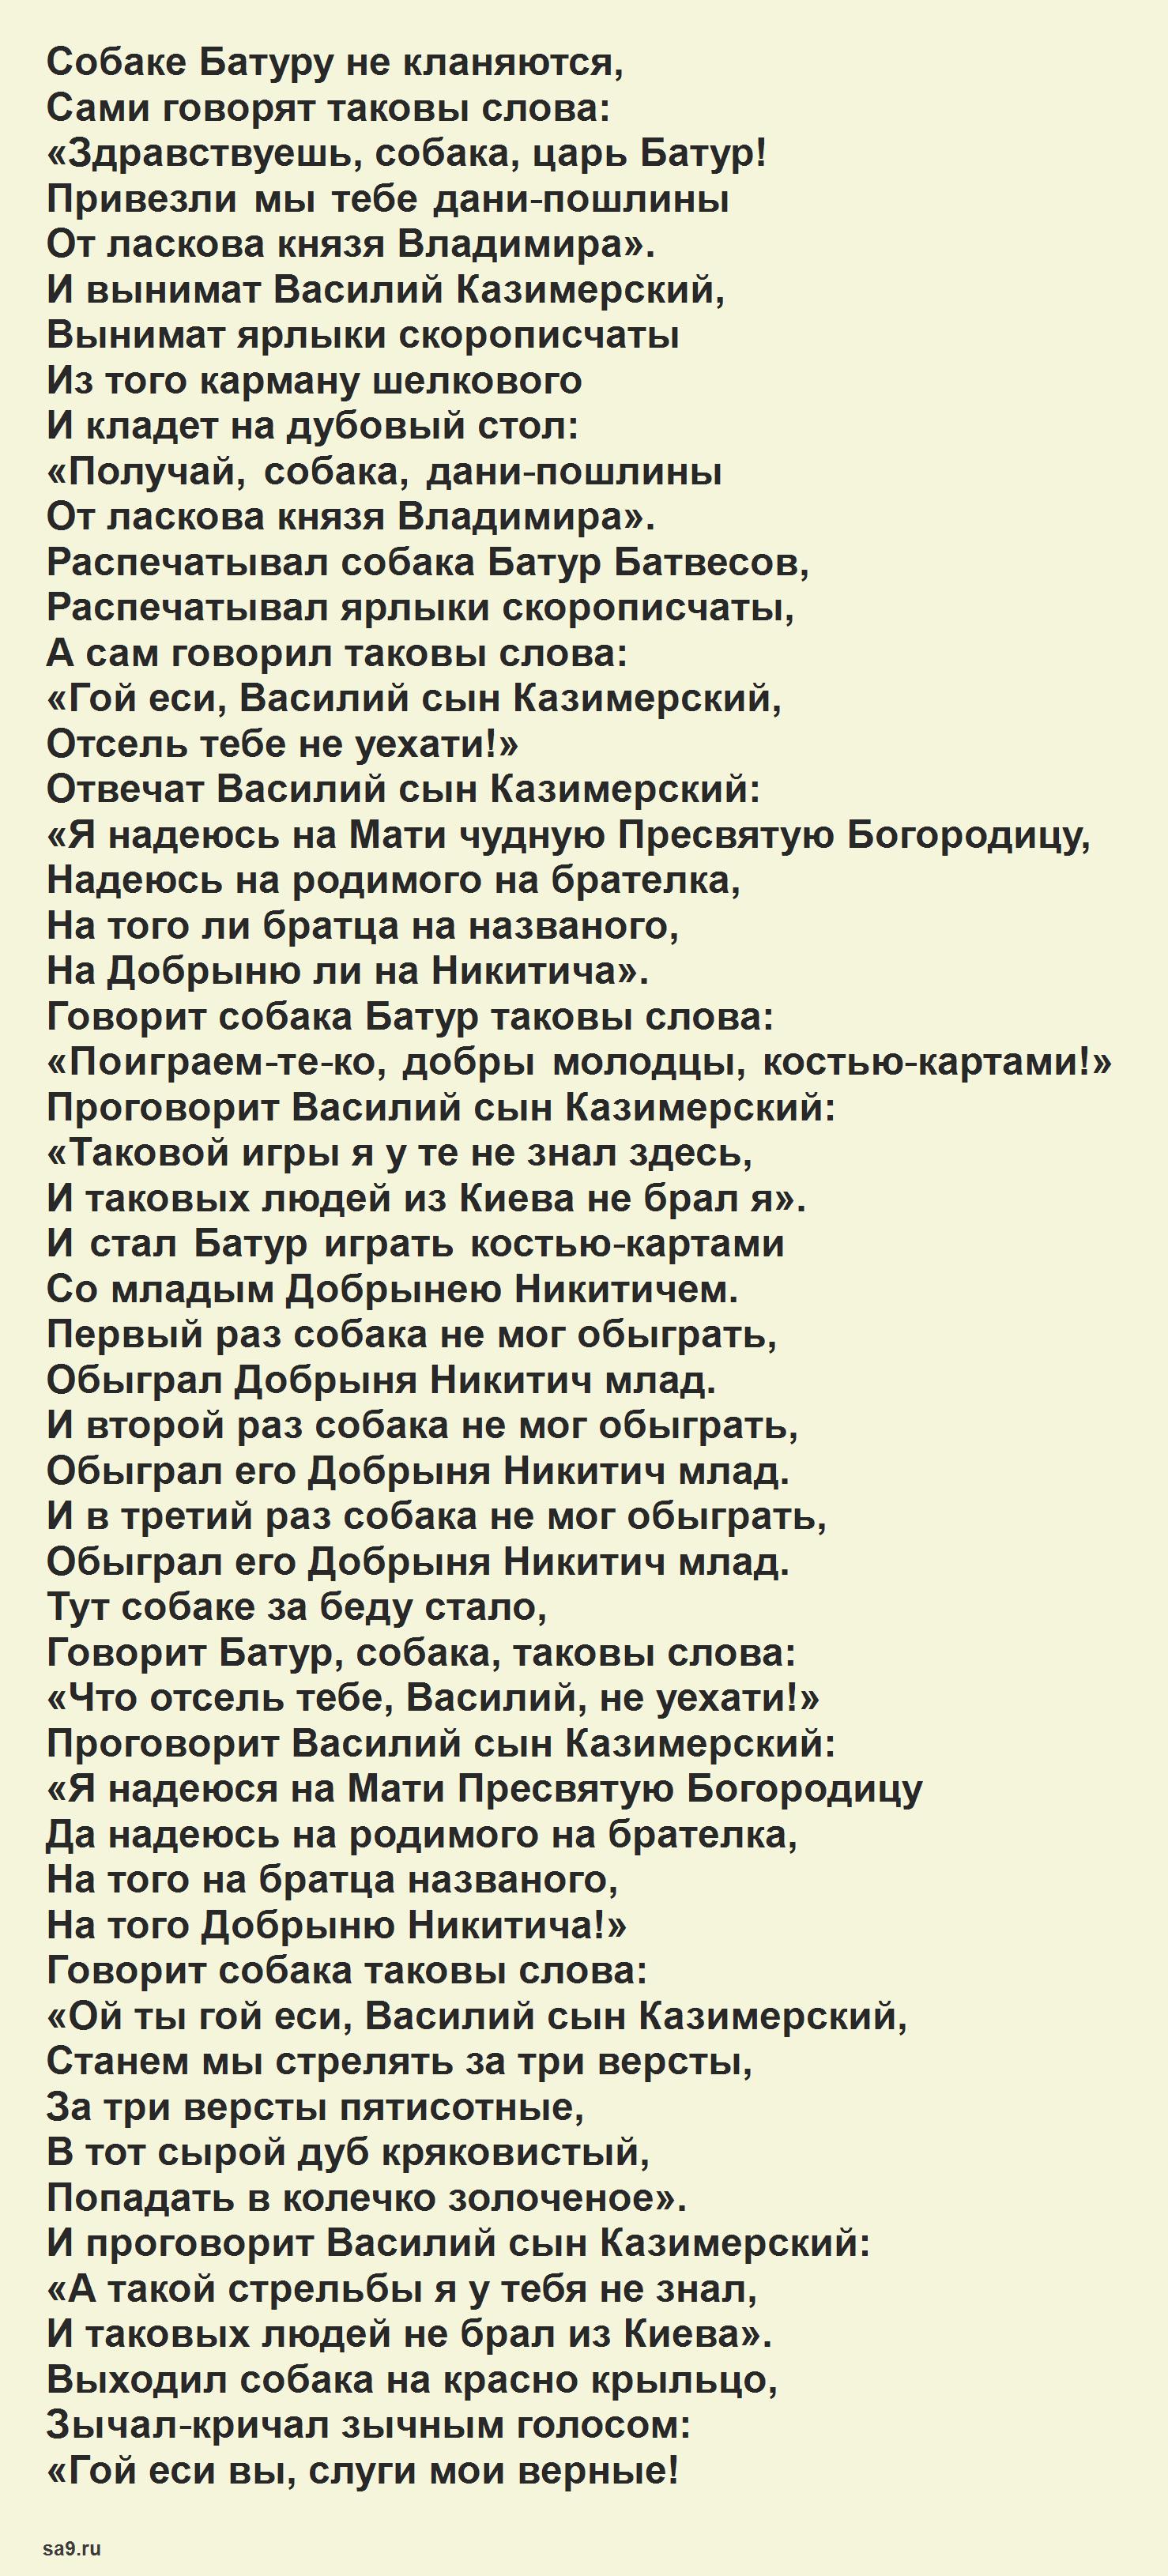 Читаем русскую народную былину - Добрыня и Василий Казимирович, полностью